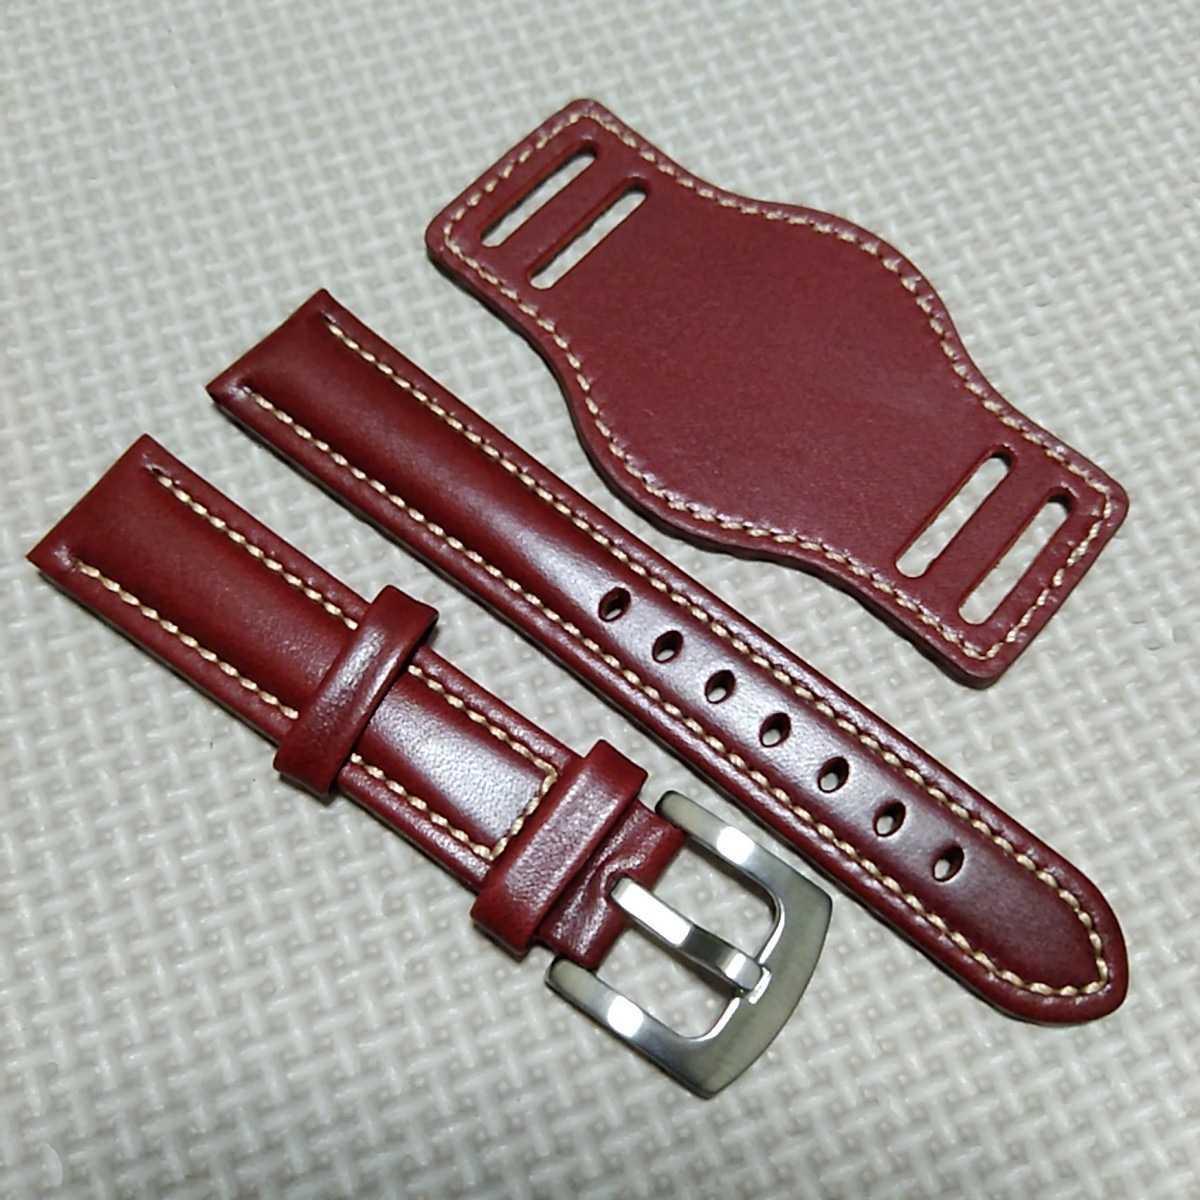 No54 ブンド BUND 本革レザーベルト 腕時計ベルト 交換用ストラップ レッド 18mm 未使用 高品質 ドイツパイロット 空軍_画像1